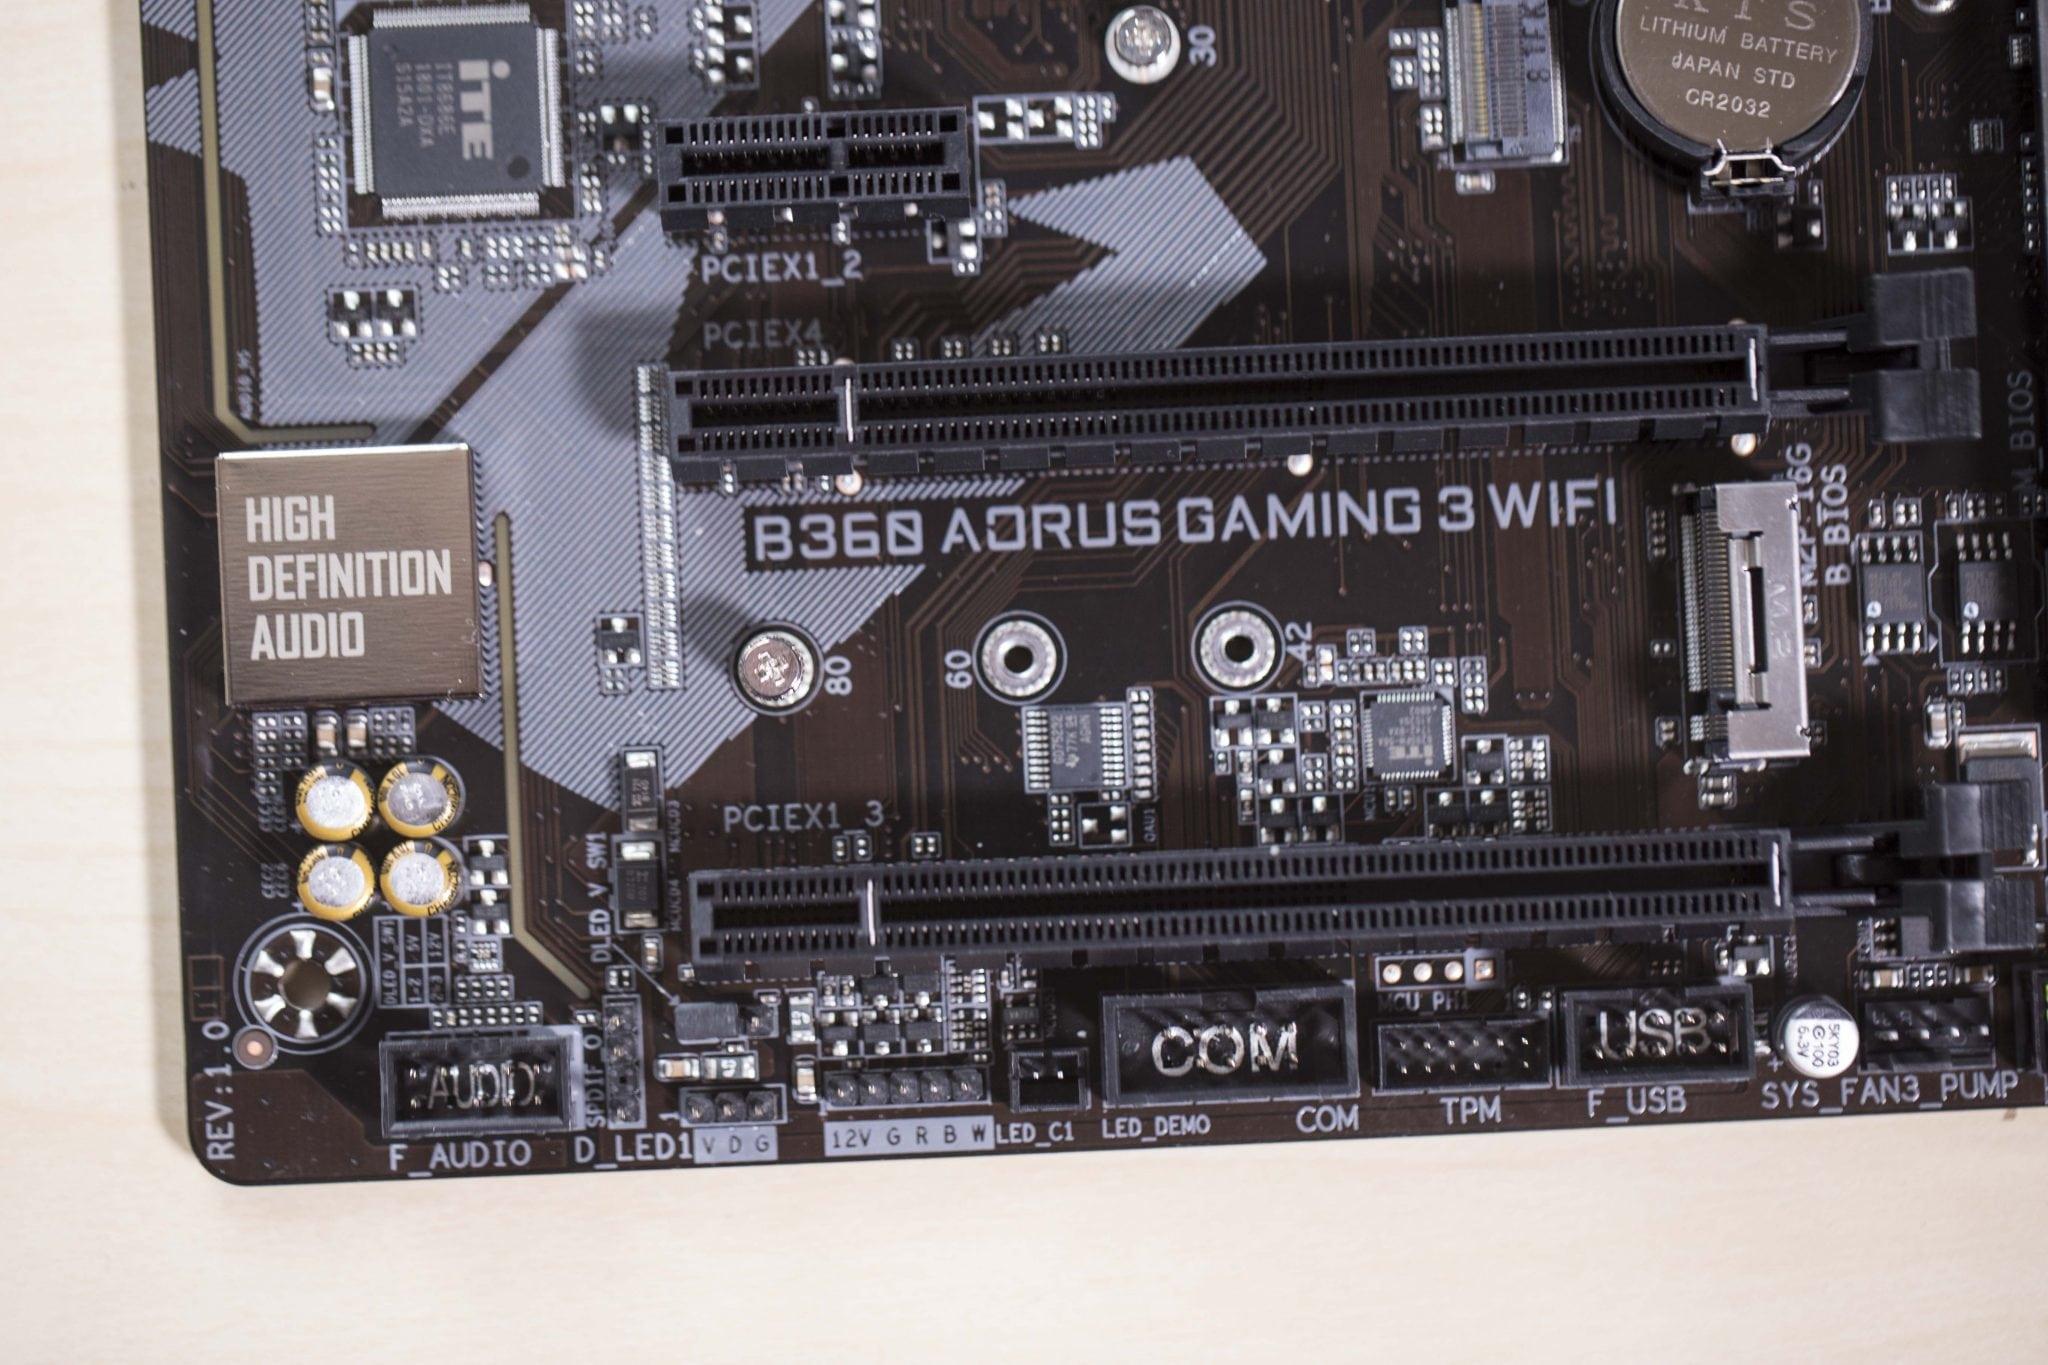 مراجعة اللوحة Gigabyte B360 AORUS GAMING 3 WIFI بالشريحة الجديدة